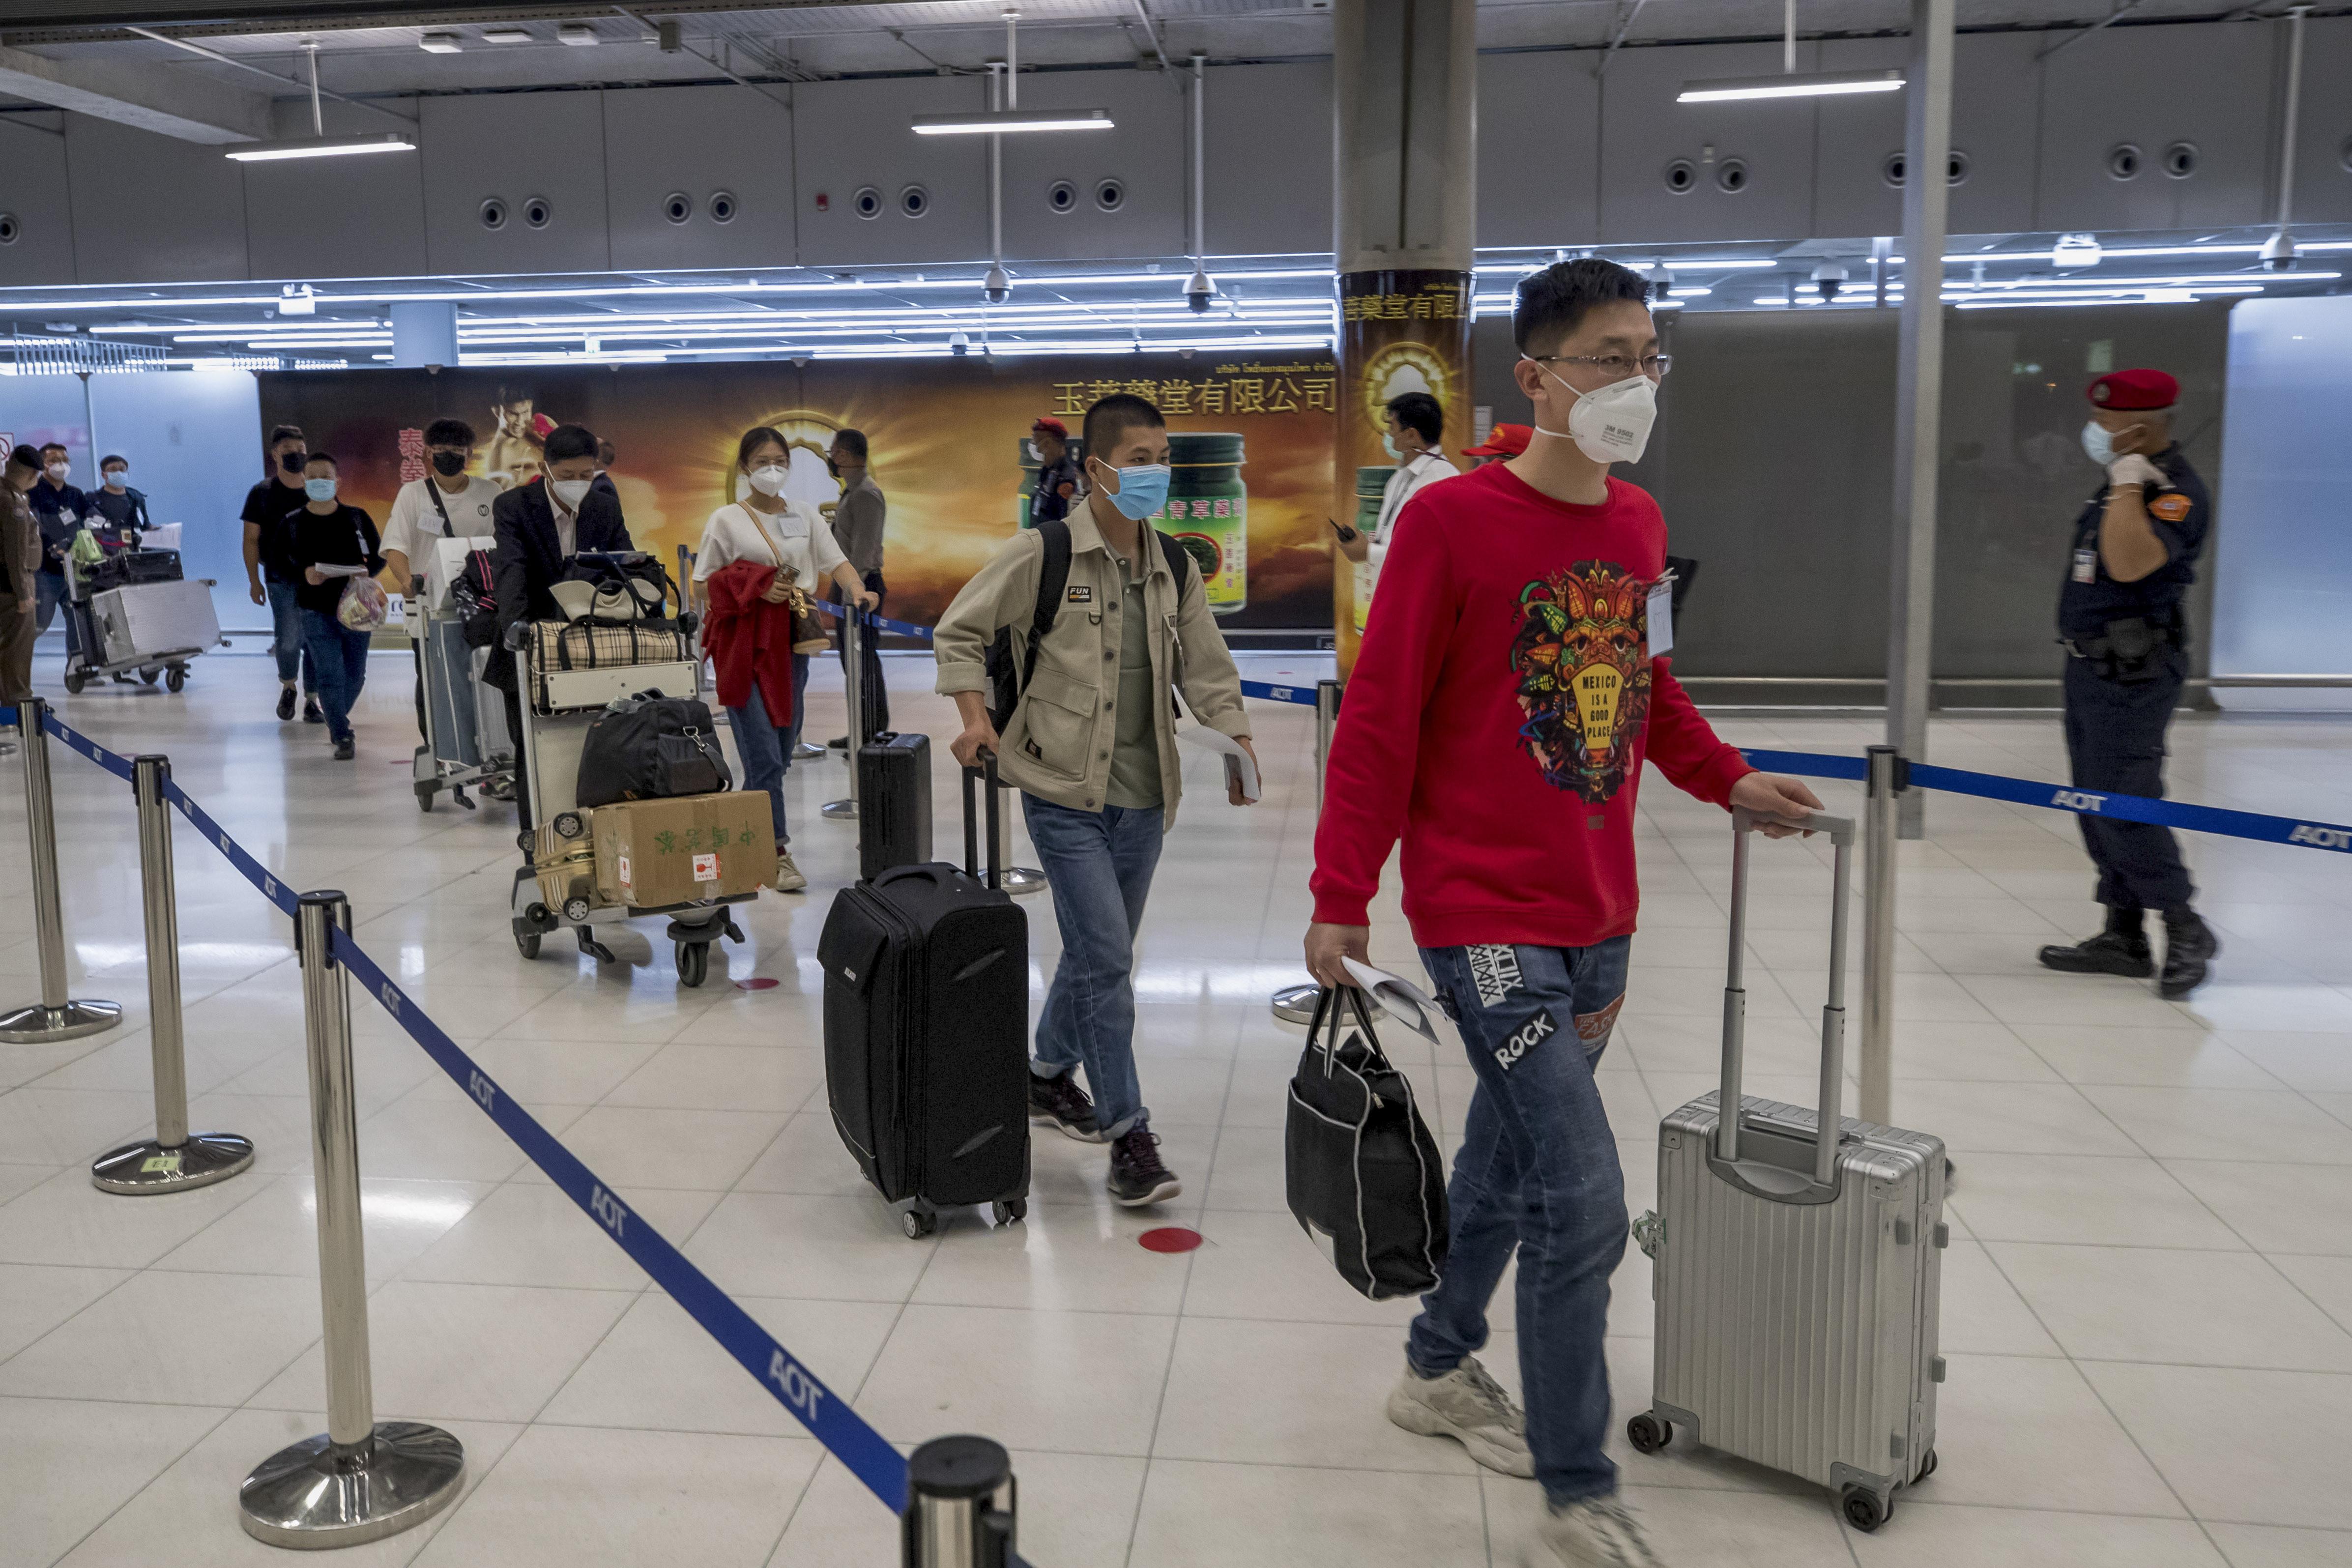 ▲▼泰國政府宣布,最快今年10月起入境旅客若已接種疫苗,無須隔離14天。(圖/達志影像/美聯社)